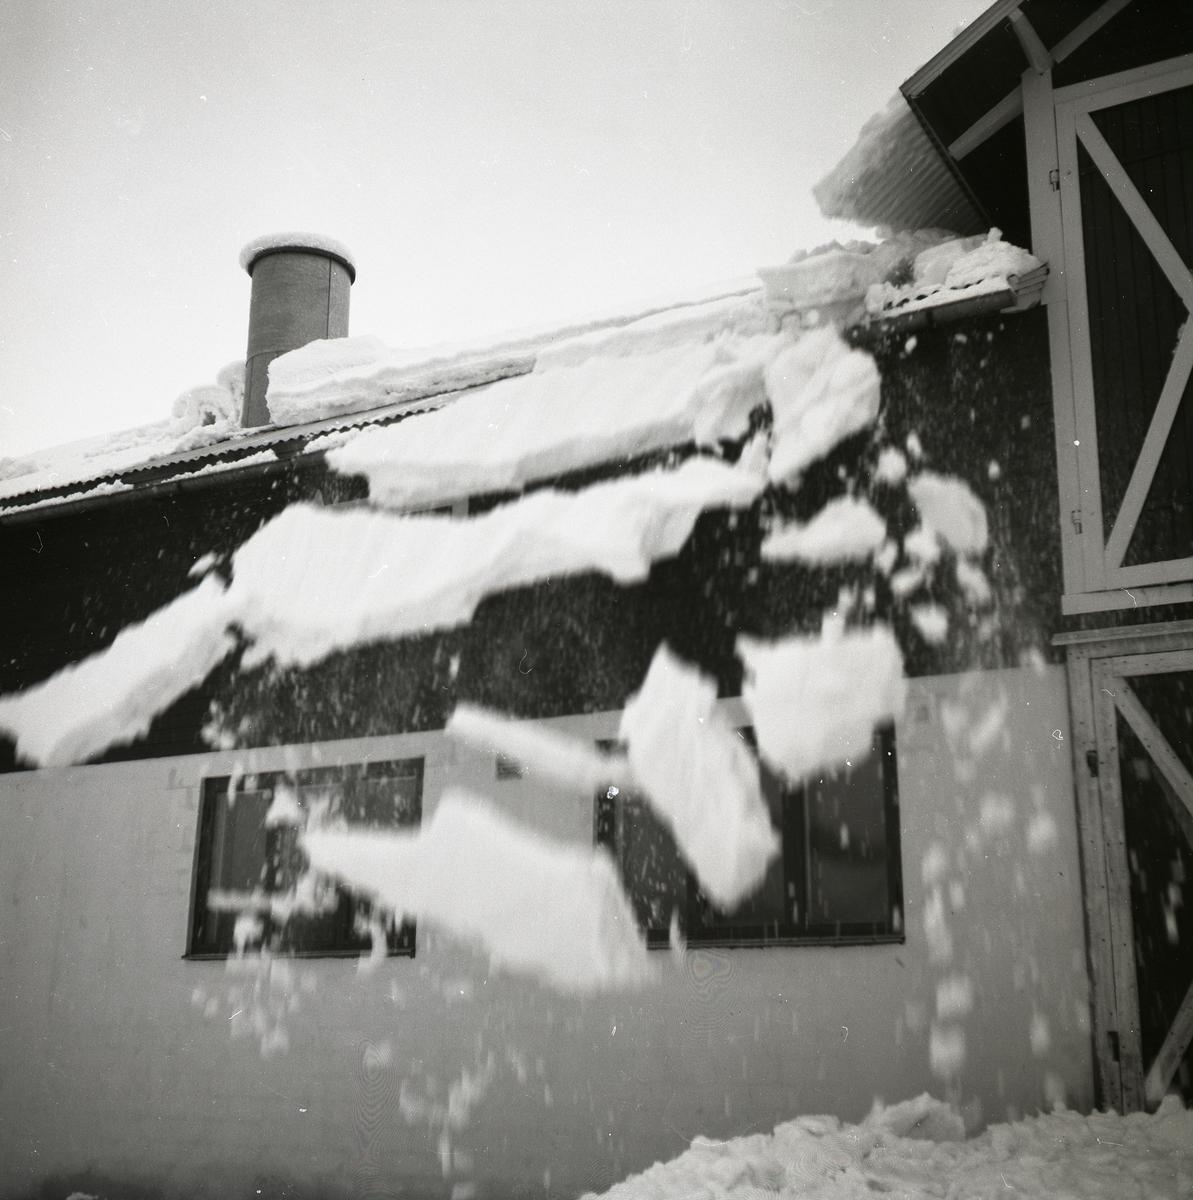 Snöras från tak vid gården Peranders i Norrfly, februari 1955.